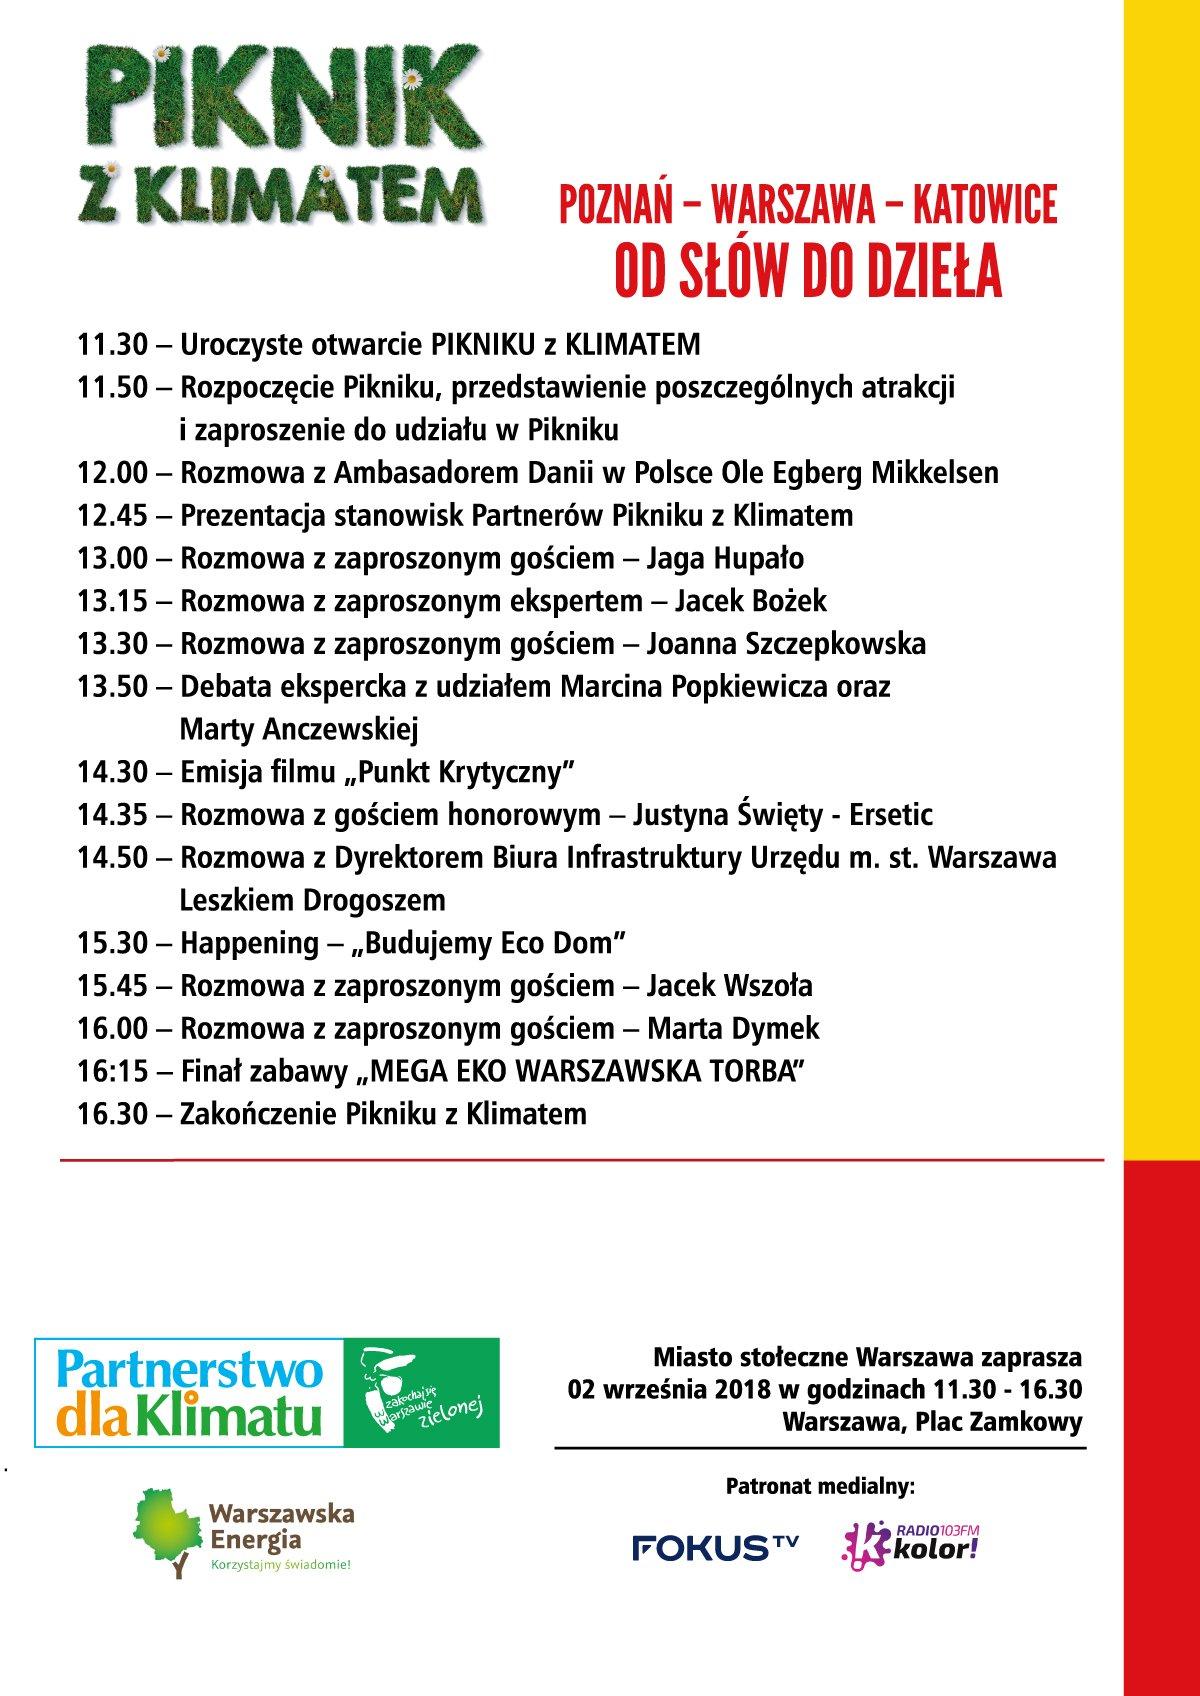 XI edycja Pikniku z Klimatem: Poznań – Warszawa – Katowice – od słów do dzieła - program